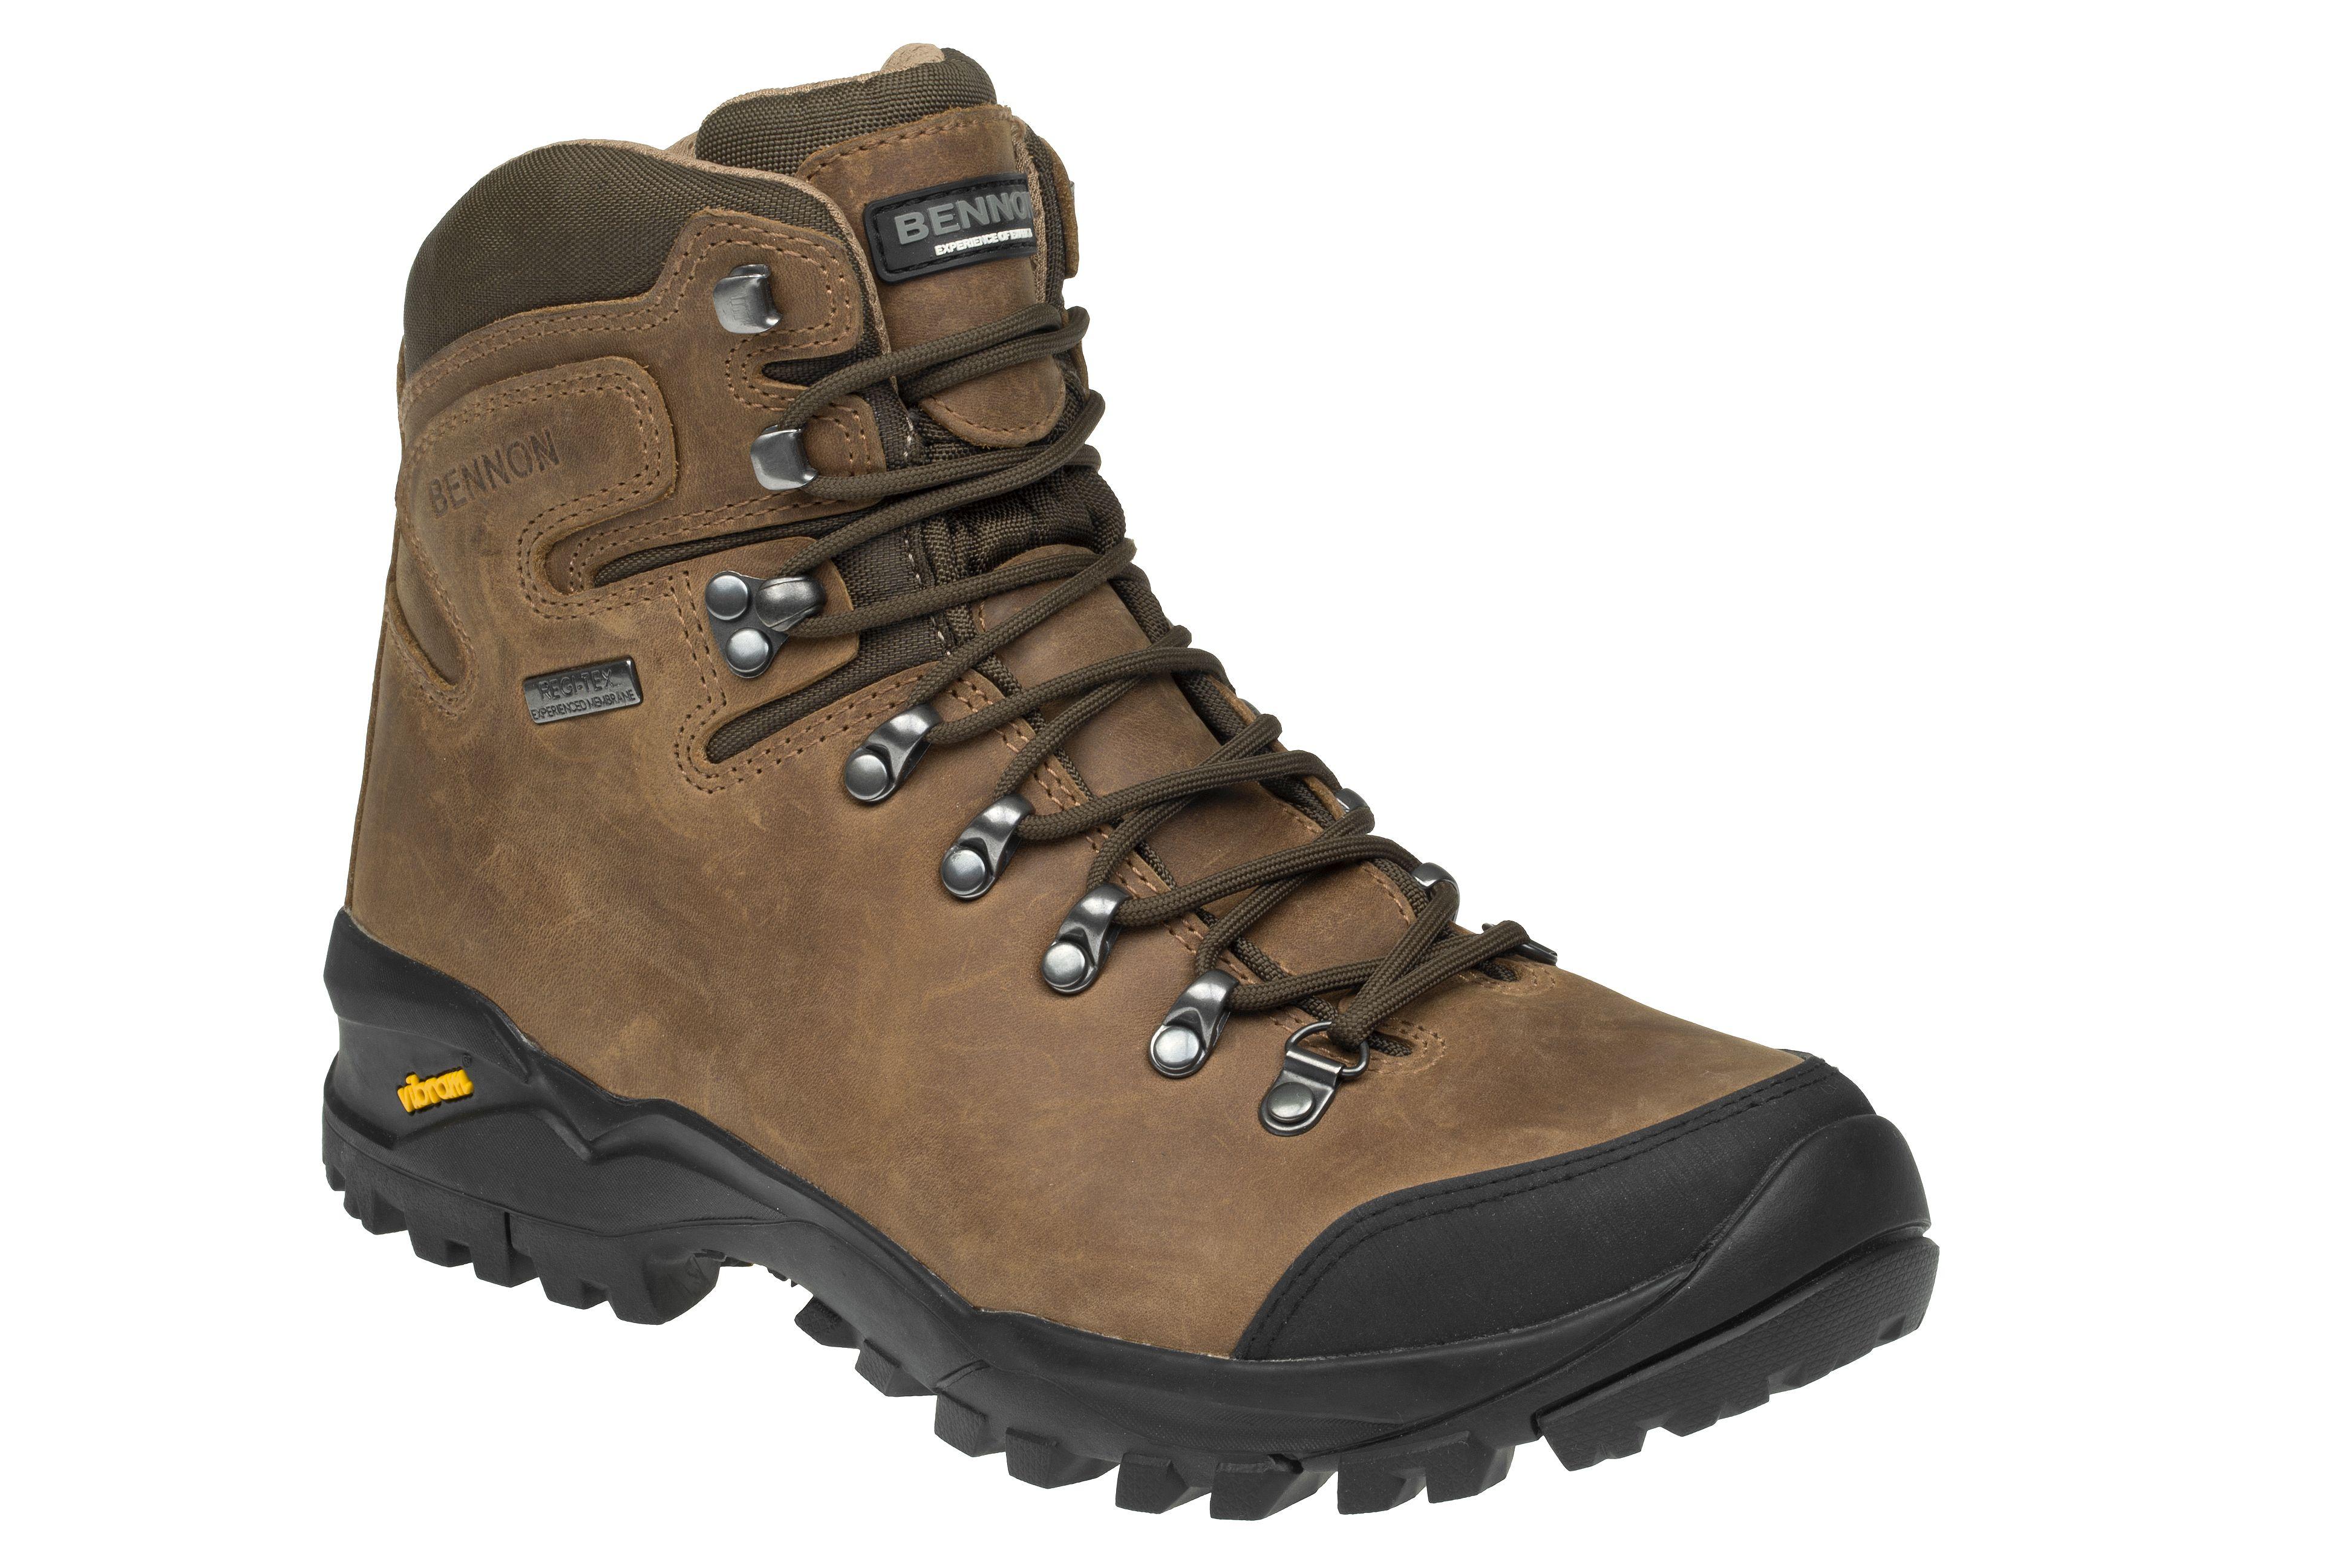 Z60243 obuv bennon TERENNO high 41